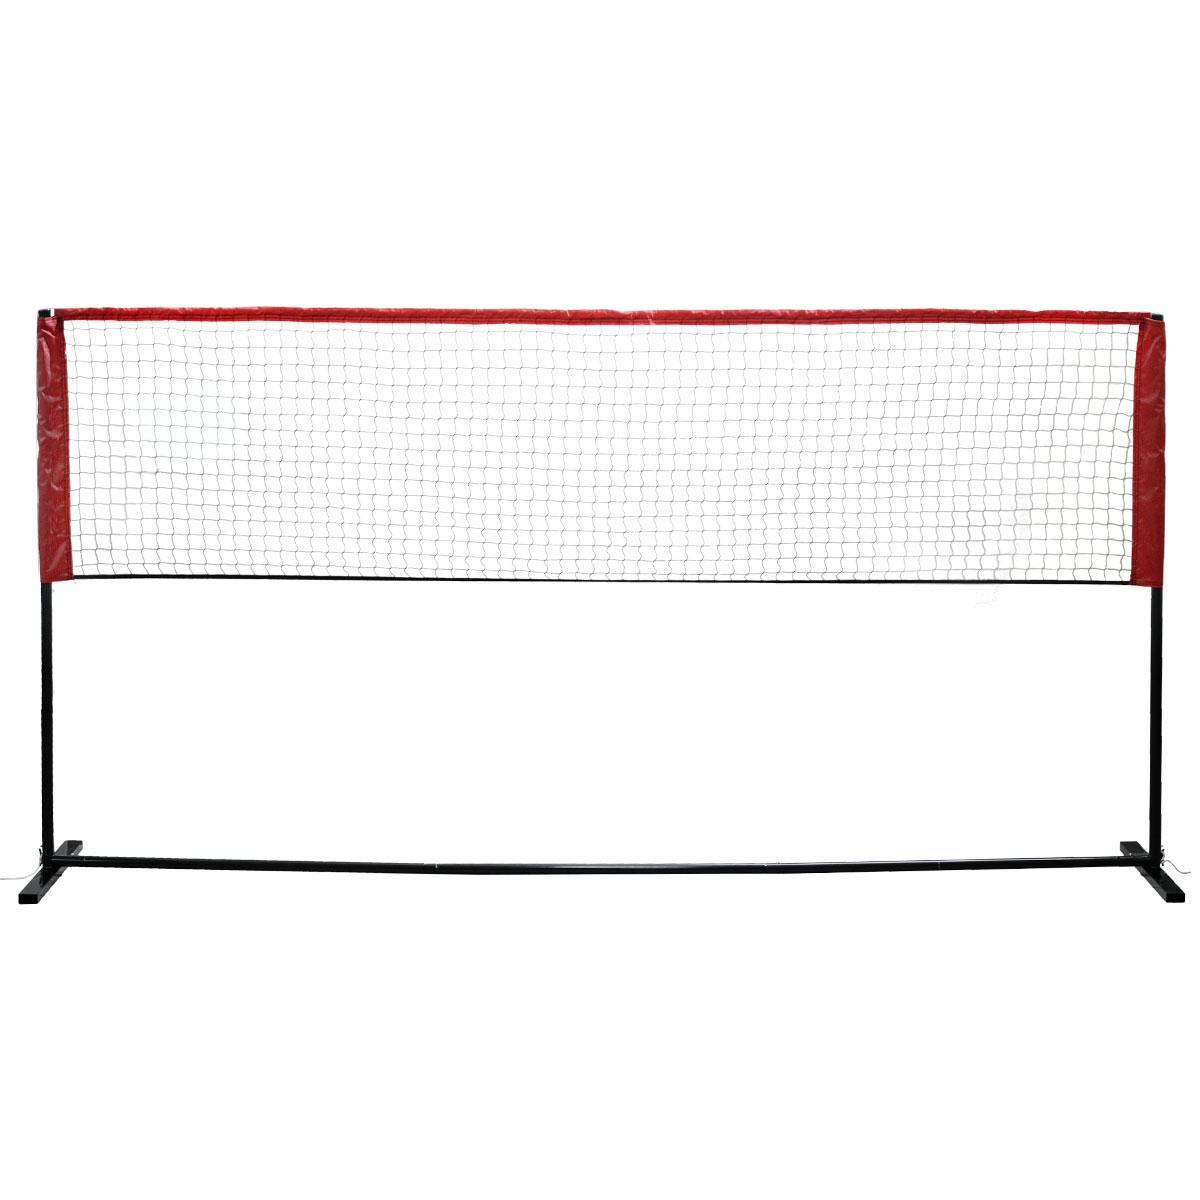 Мини-набор для бадминтона Fan Chiou, цвет: черный, 3 м х 1,55 мMBN-3Любительский набор для игры в бадминтон или теннис. Стойки легко собираются и регулируются в зависимости от того играете вы в бадминтон или теннис. Размер сетки 3 м х 0,8 м. Набор упакован в компактный чехол.